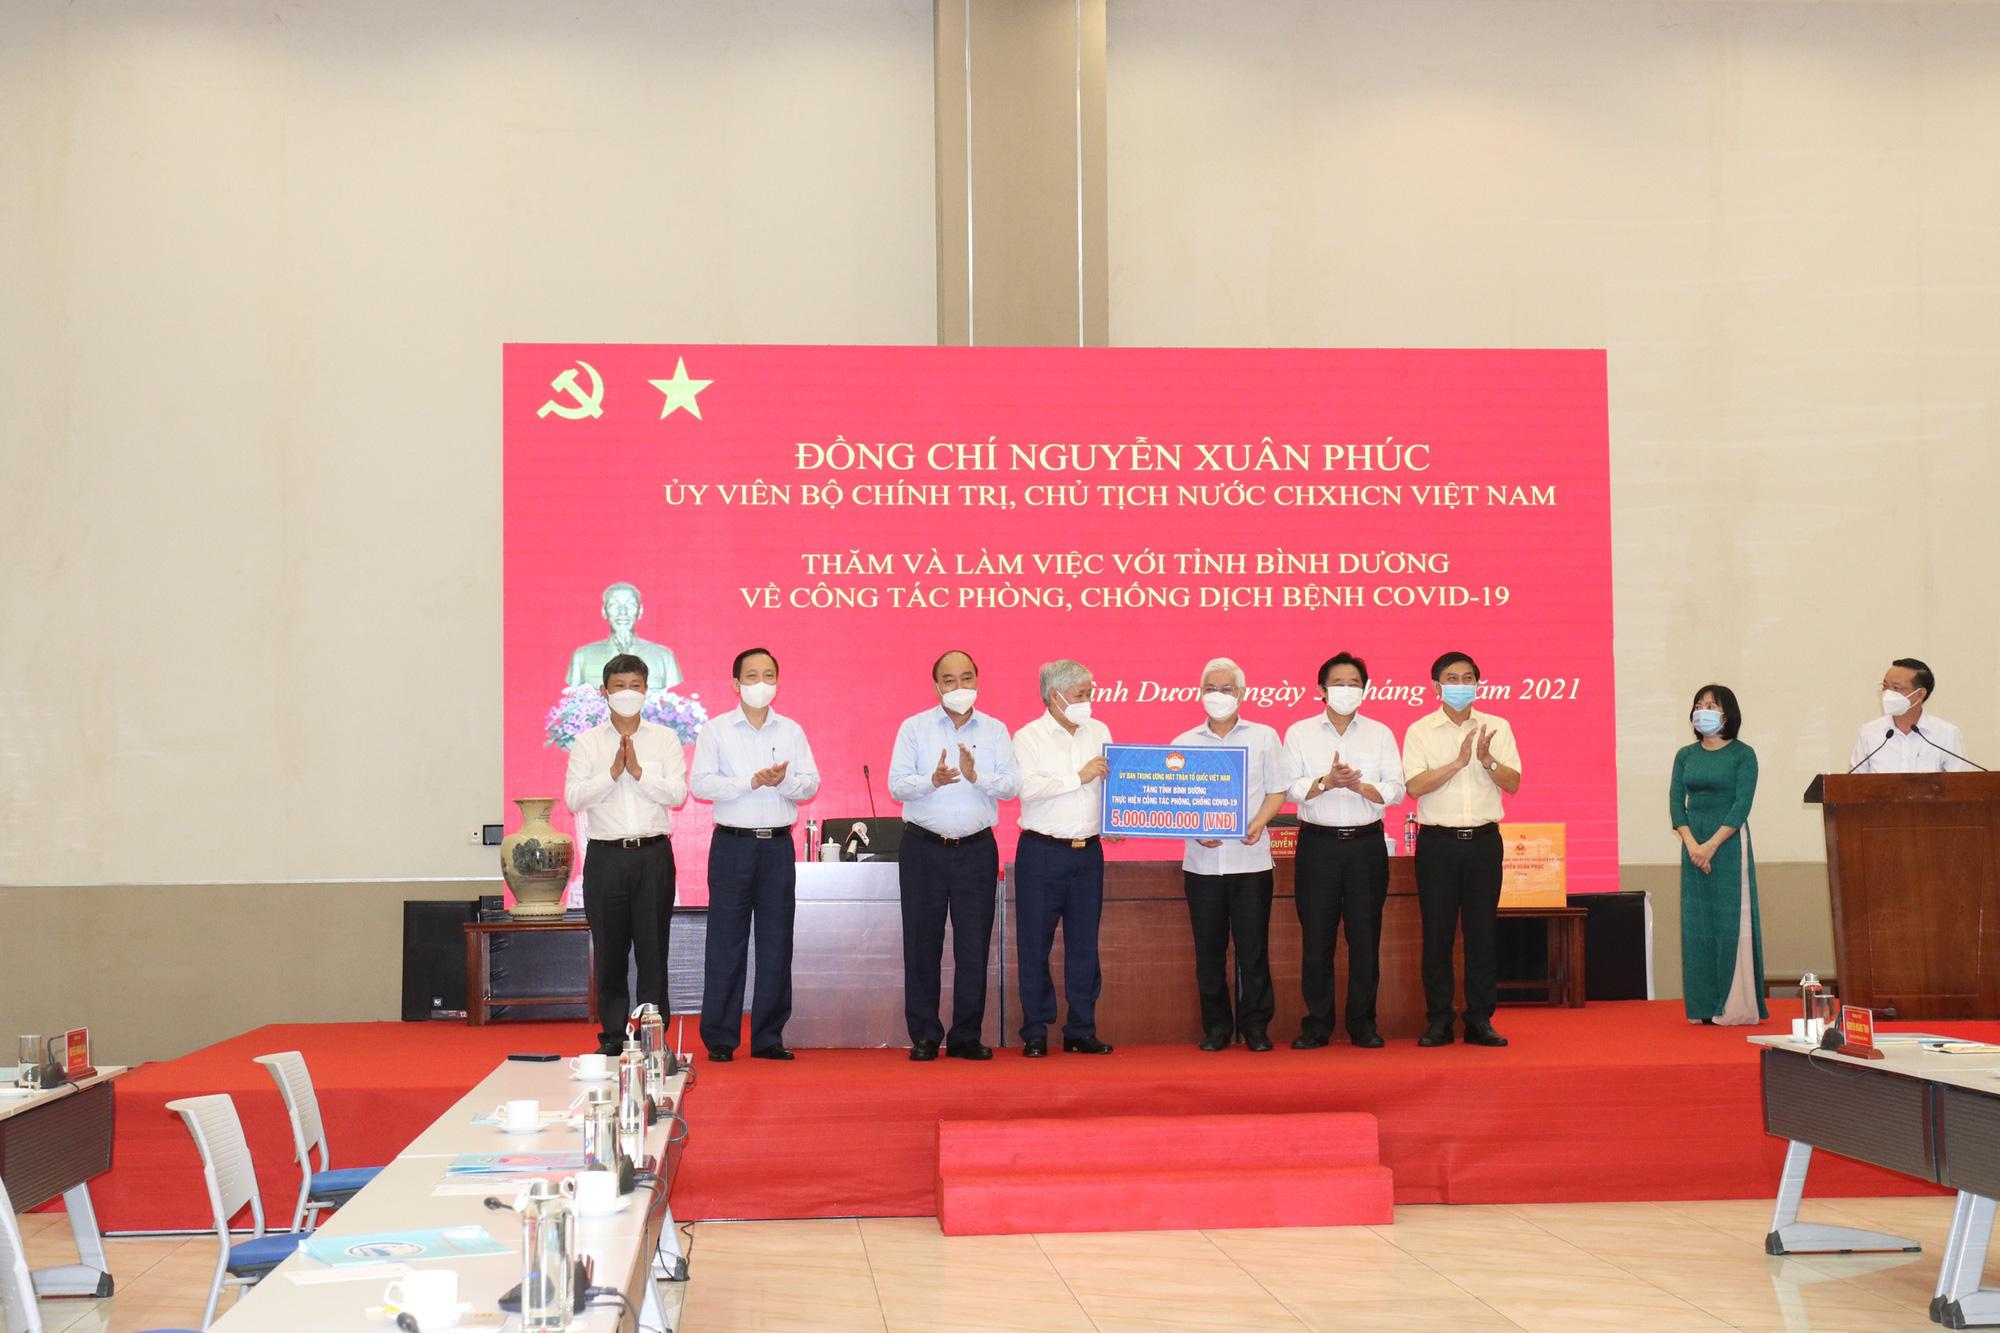 Chủ tịch nước Nguyễn Xuân Phúc: Bình Dương không được để người dân thiếu đói - Ảnh 3.